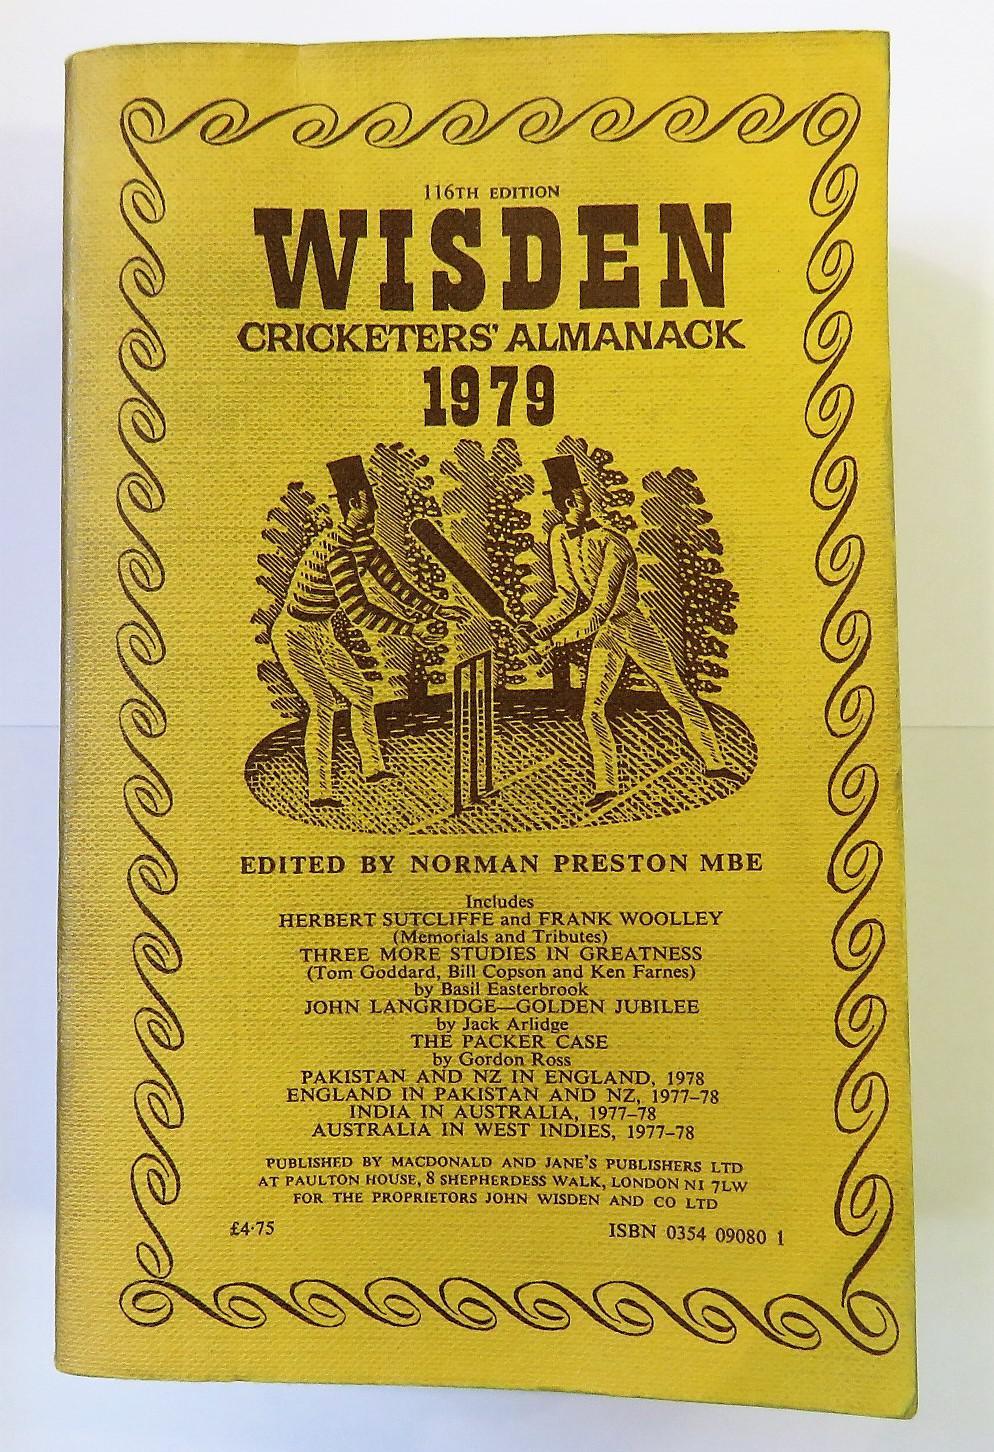 Wisden Cricketers' Almanack 1979